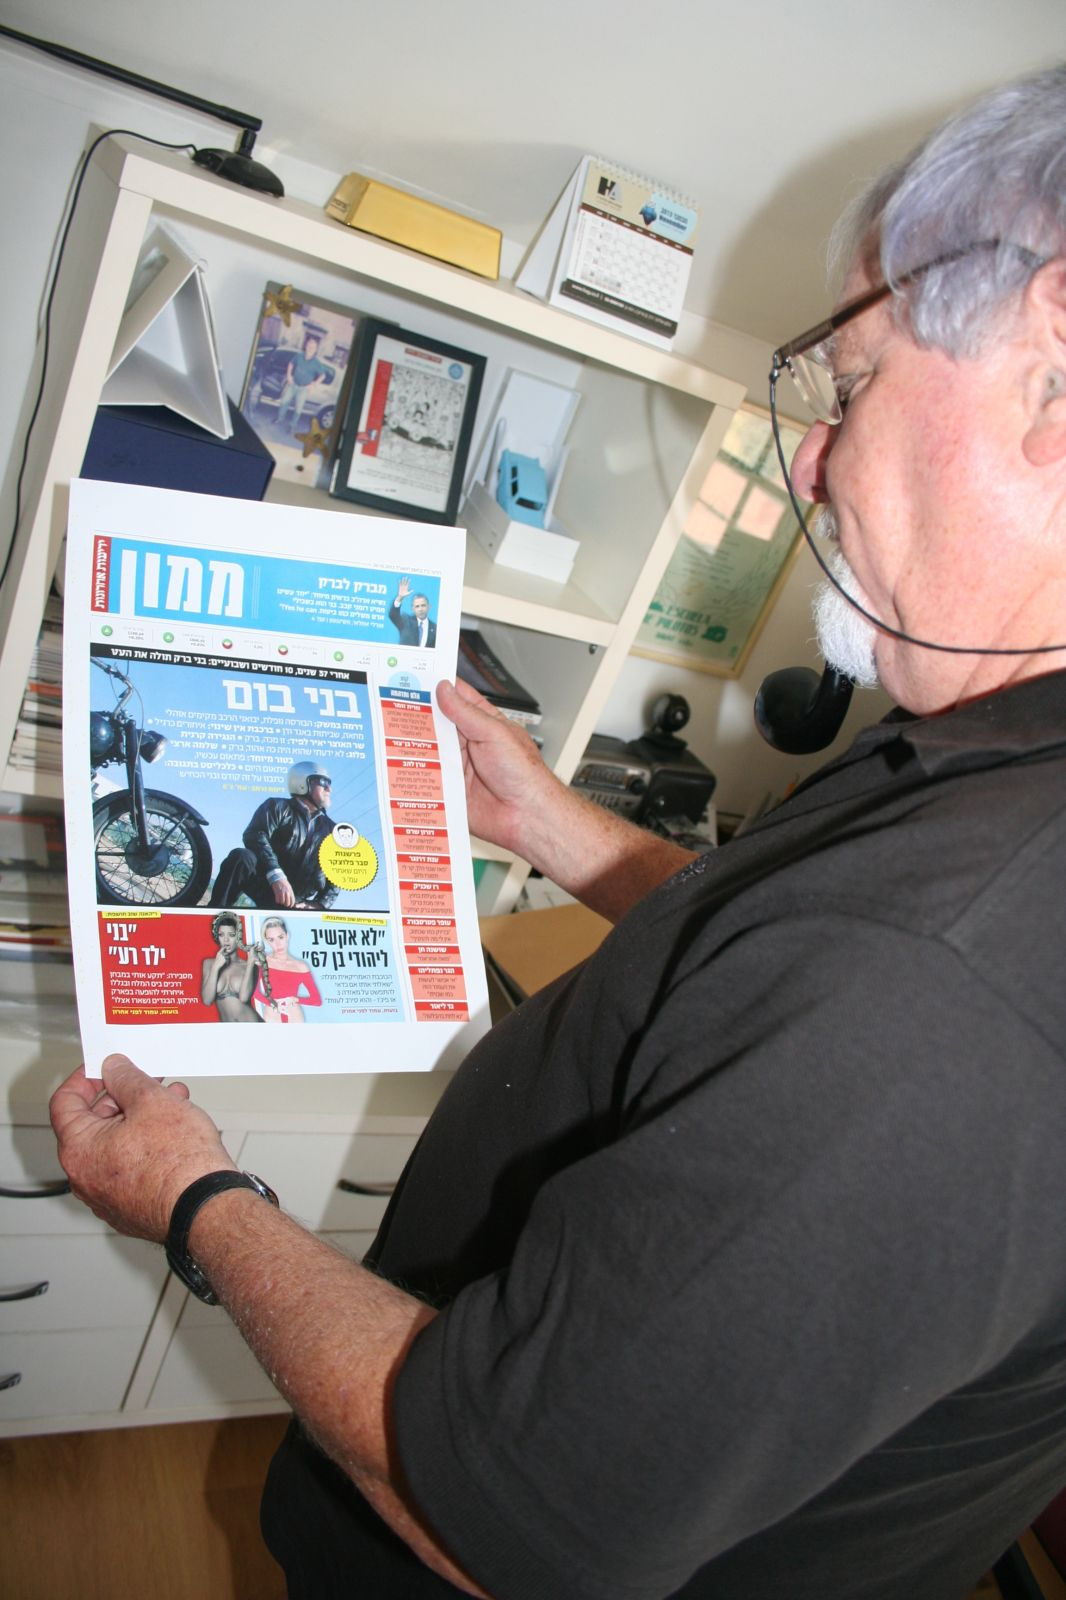 """בני ברק מעיין בשער היתולי של """"ממון"""" שניתן לו עם עזיבתו את העיתון, 5.11.13 (צילום: """"העין השביעית"""")"""